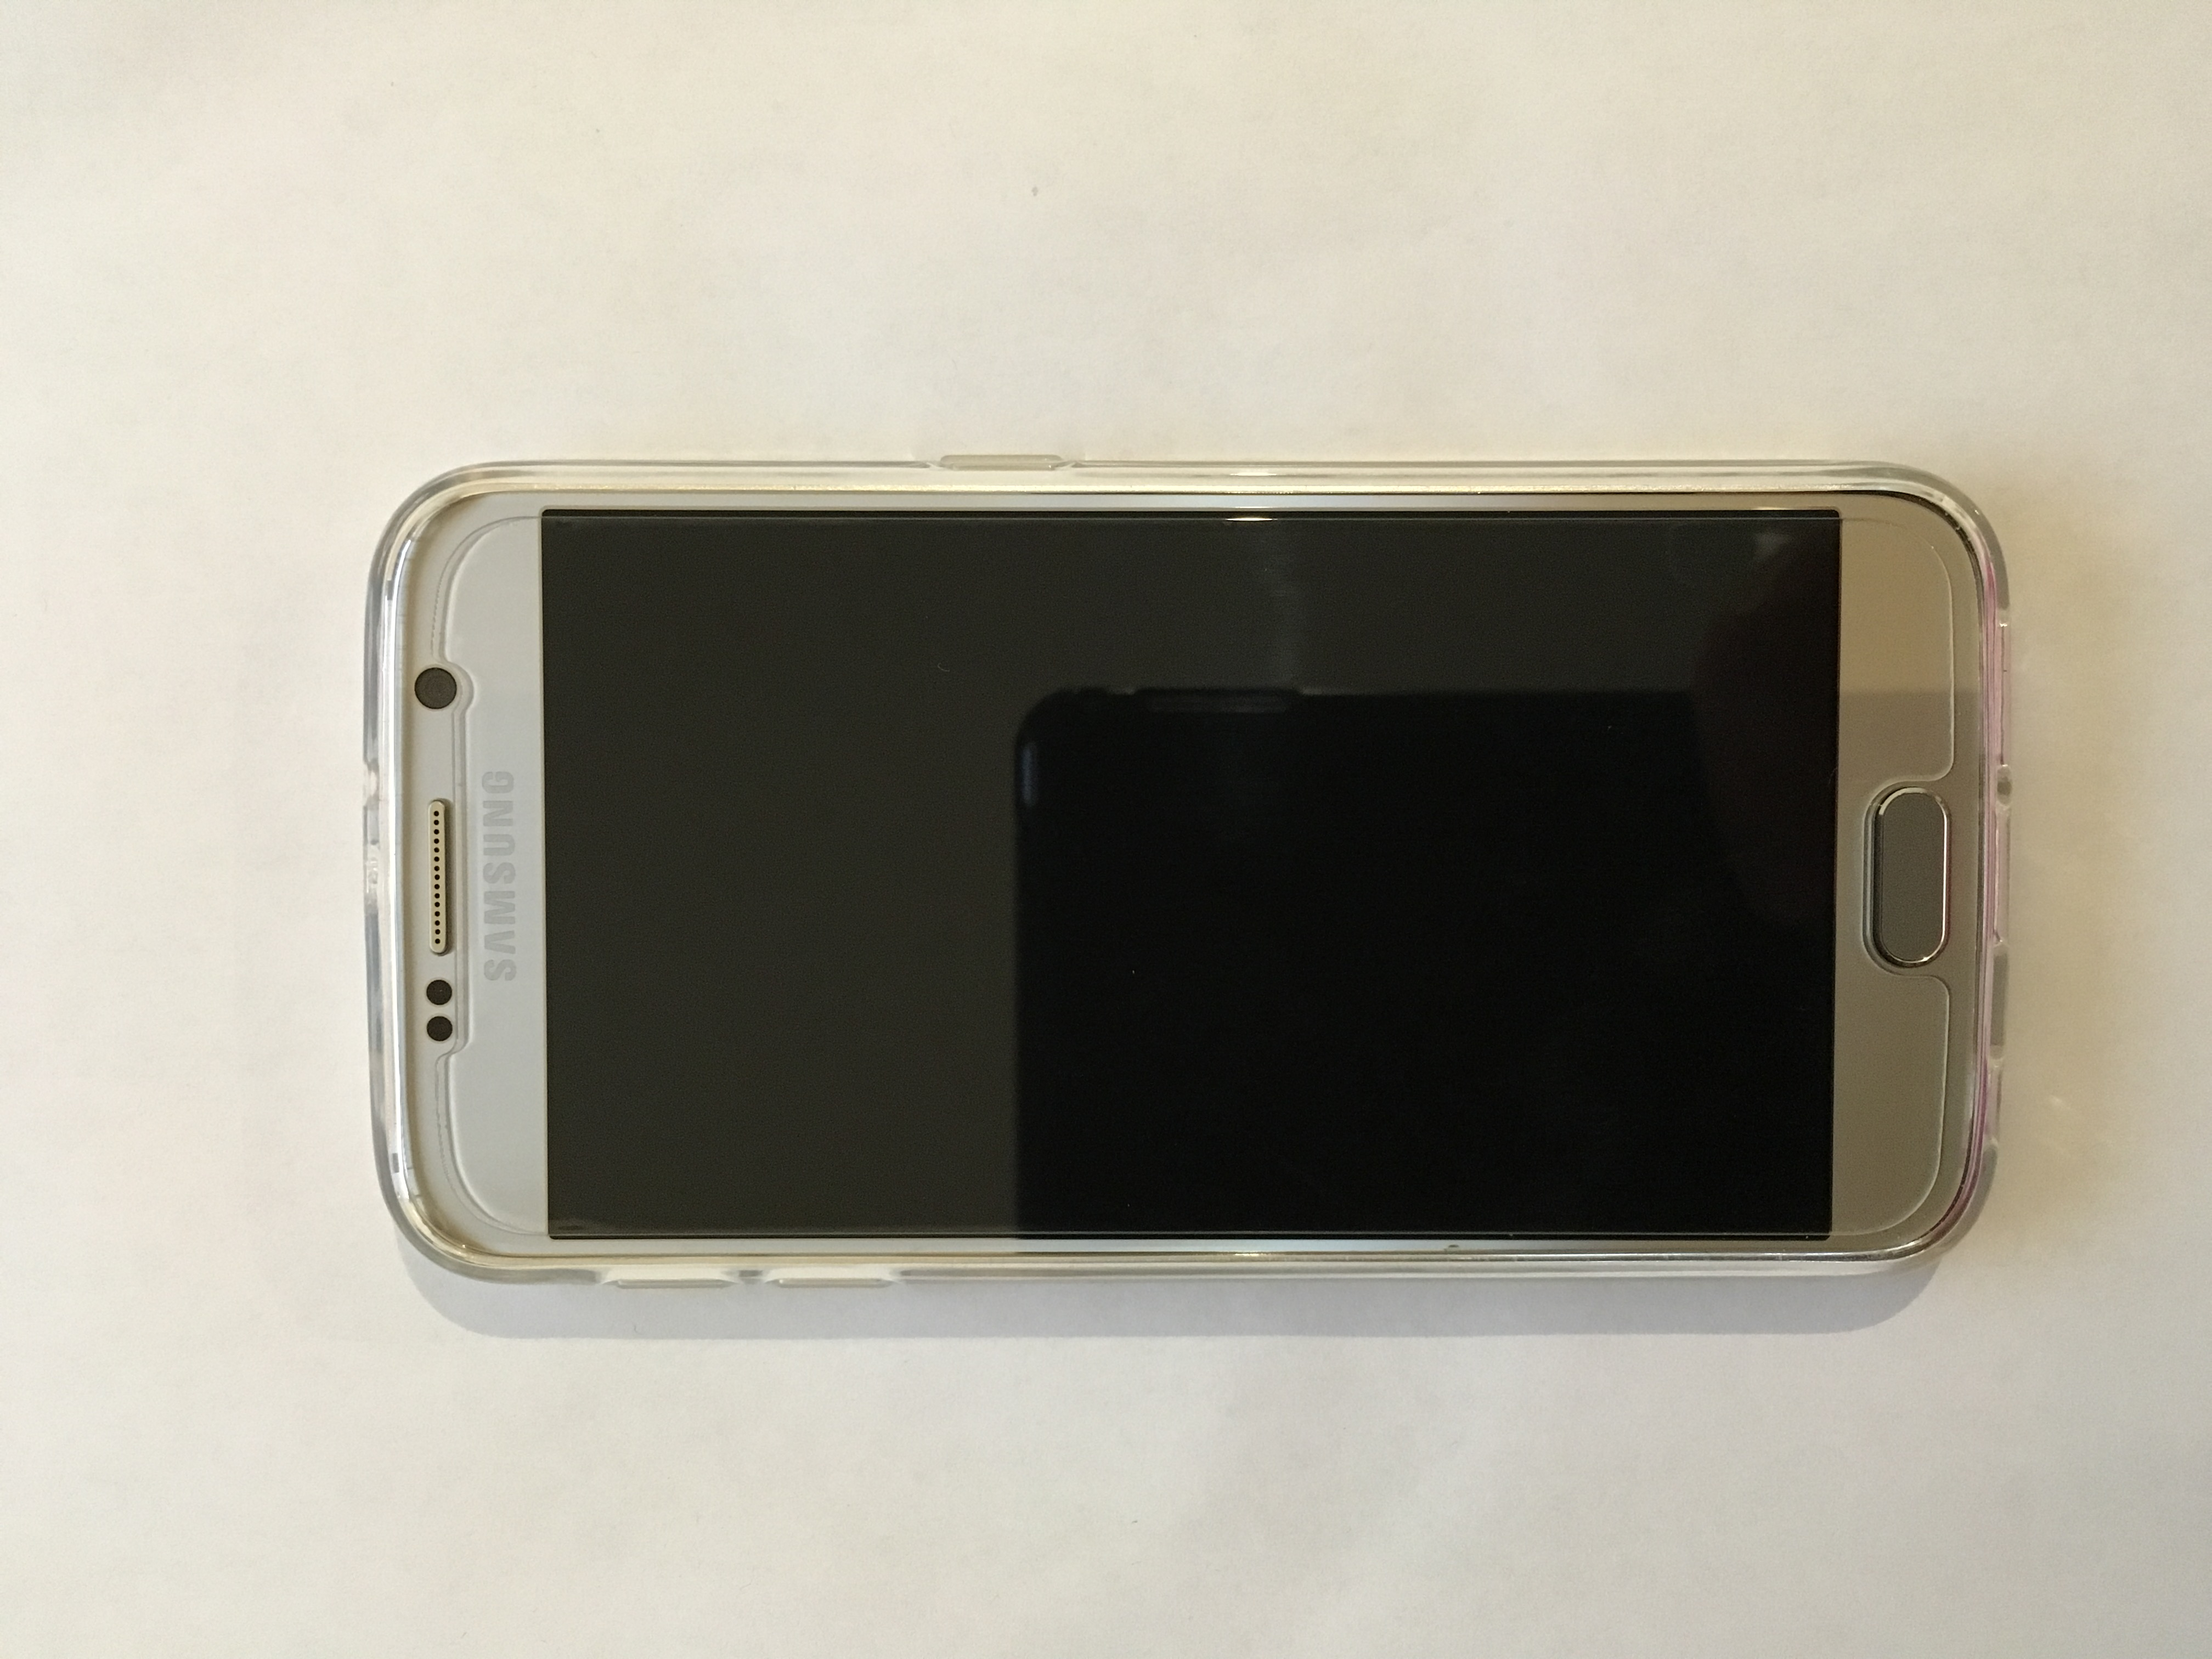 Samsung Galaxy S6 mit Schutzhülle und Schutzglas